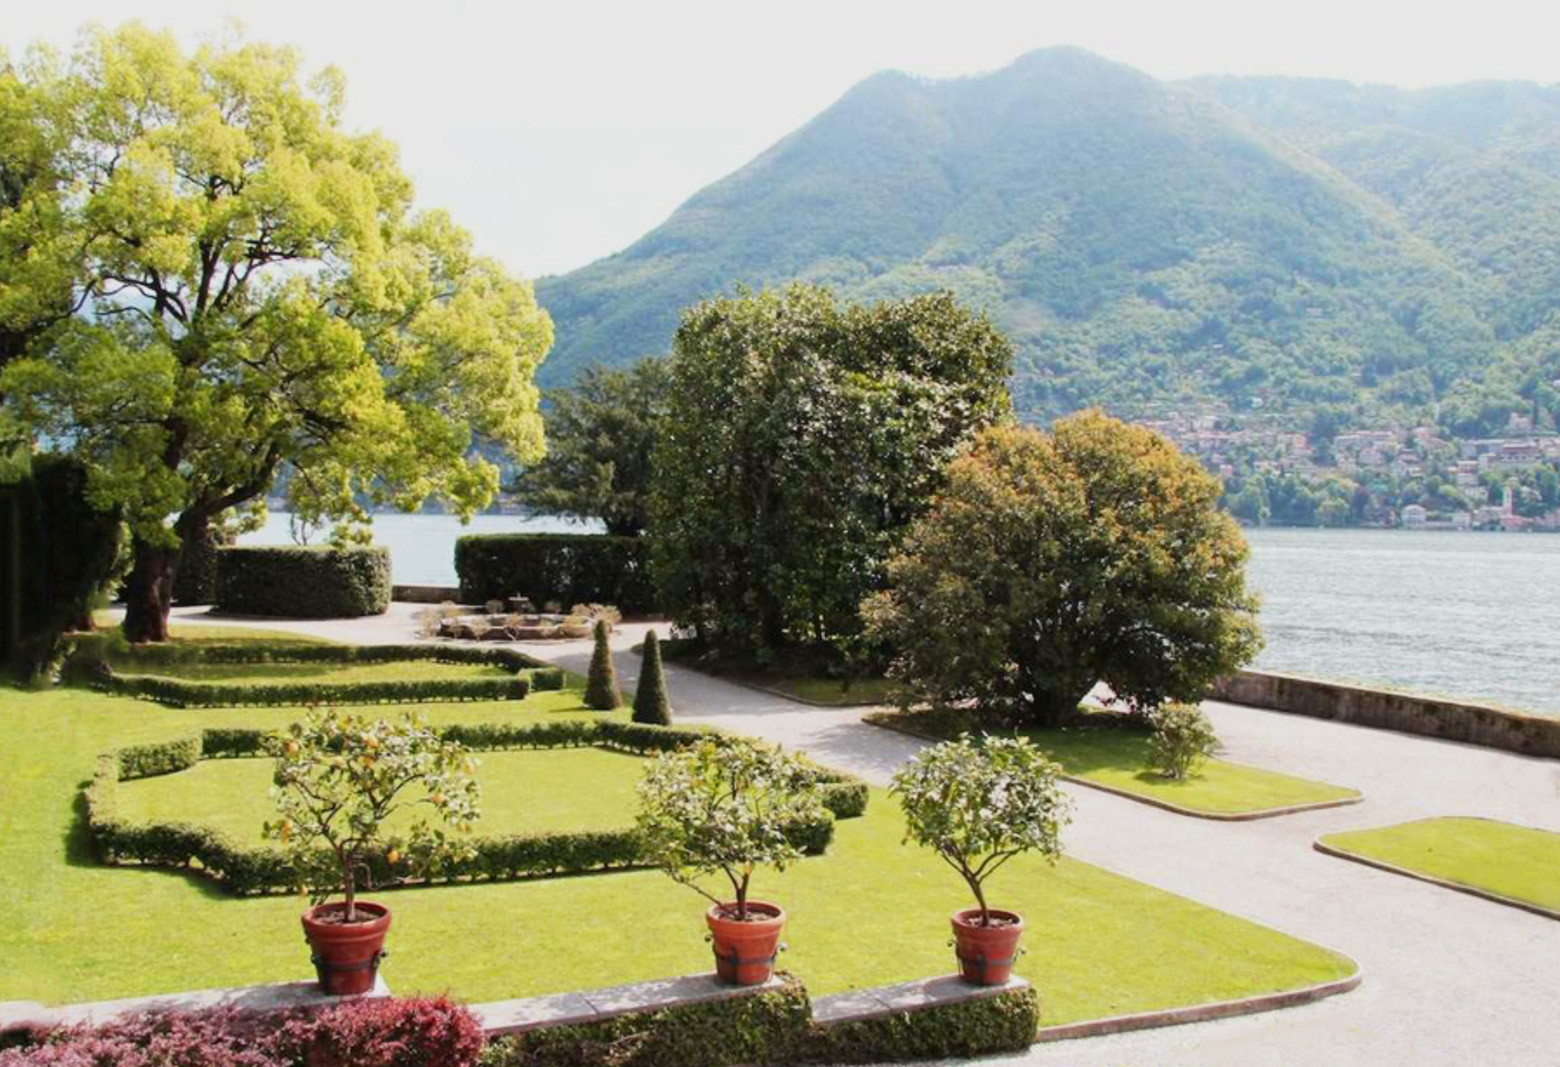 giardino all'italiana.jpg